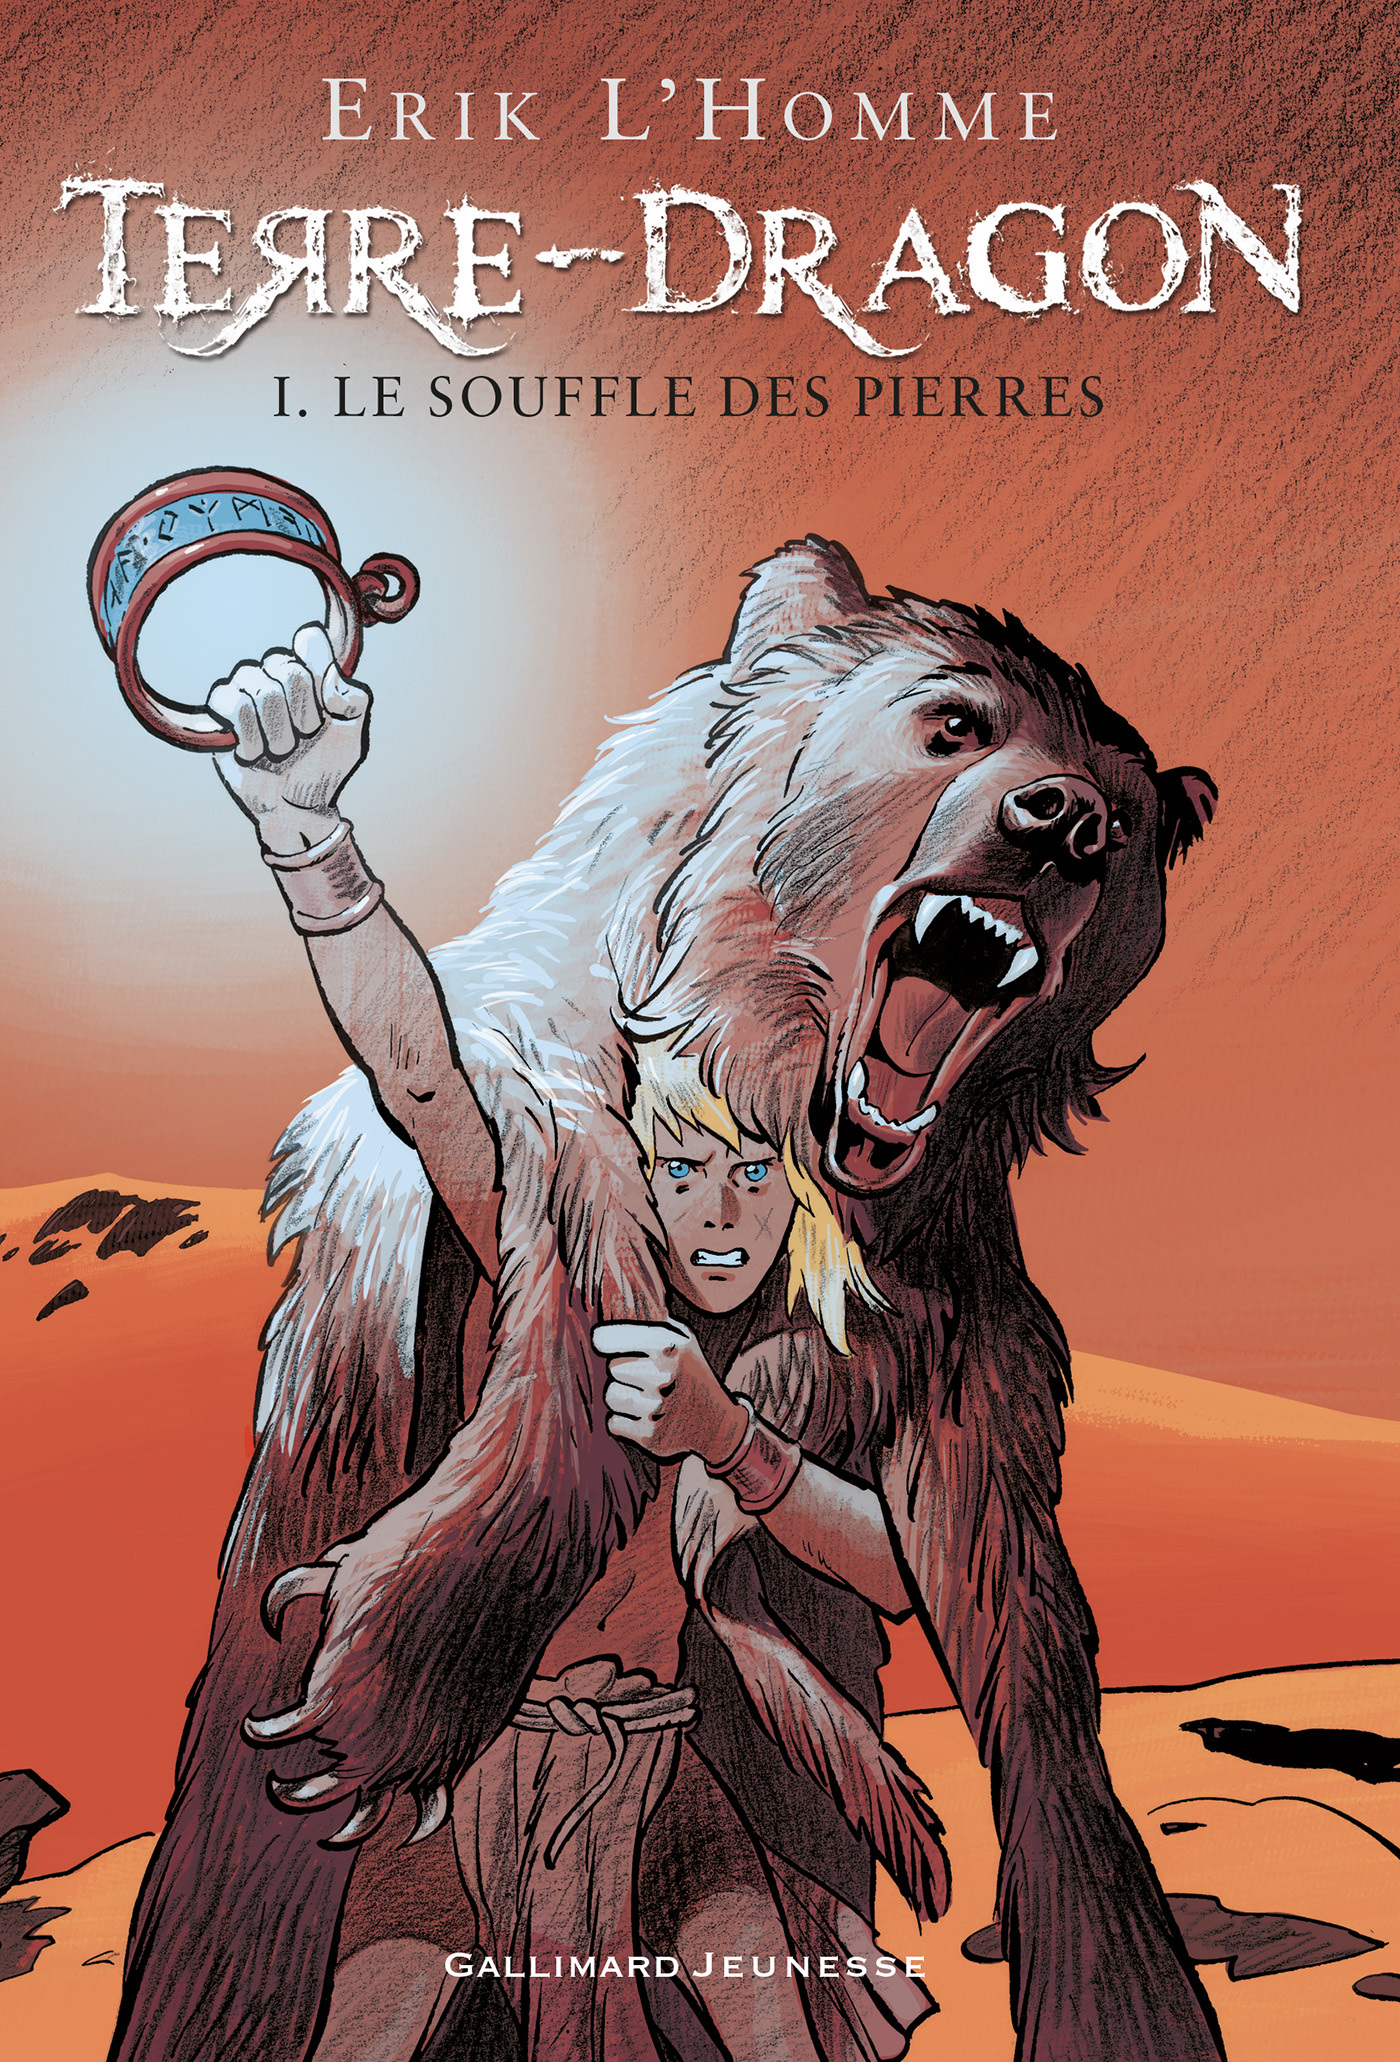 Terre-Dragon (Tome 1) - Le souffle des pierres. | L'Homme, Erik